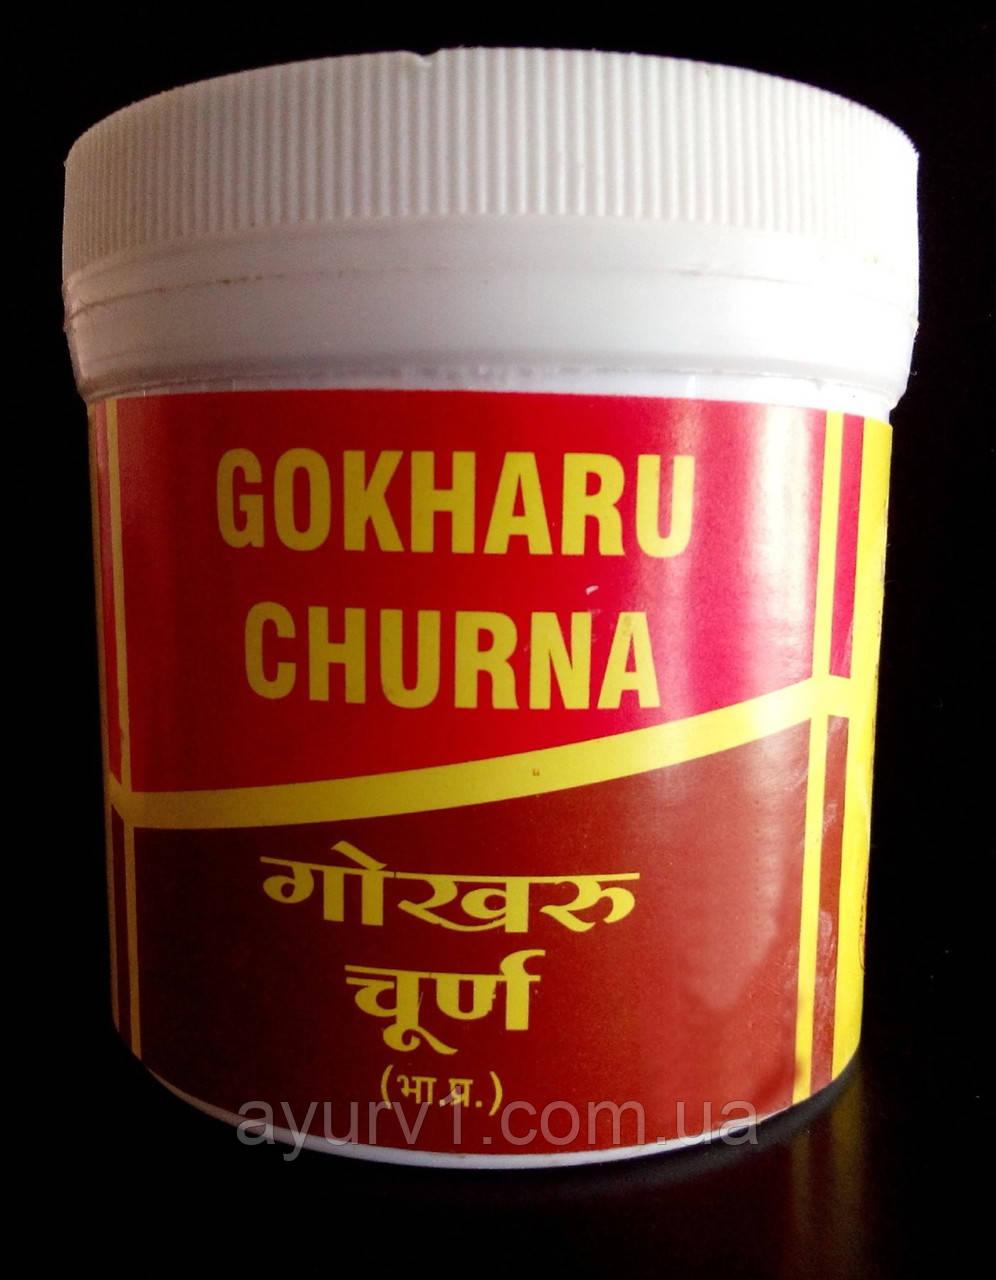 Vyas Pharmaceuticals, Gokharu Churna, Гокшура Чурна (Gokharu Churna), 100 gr.